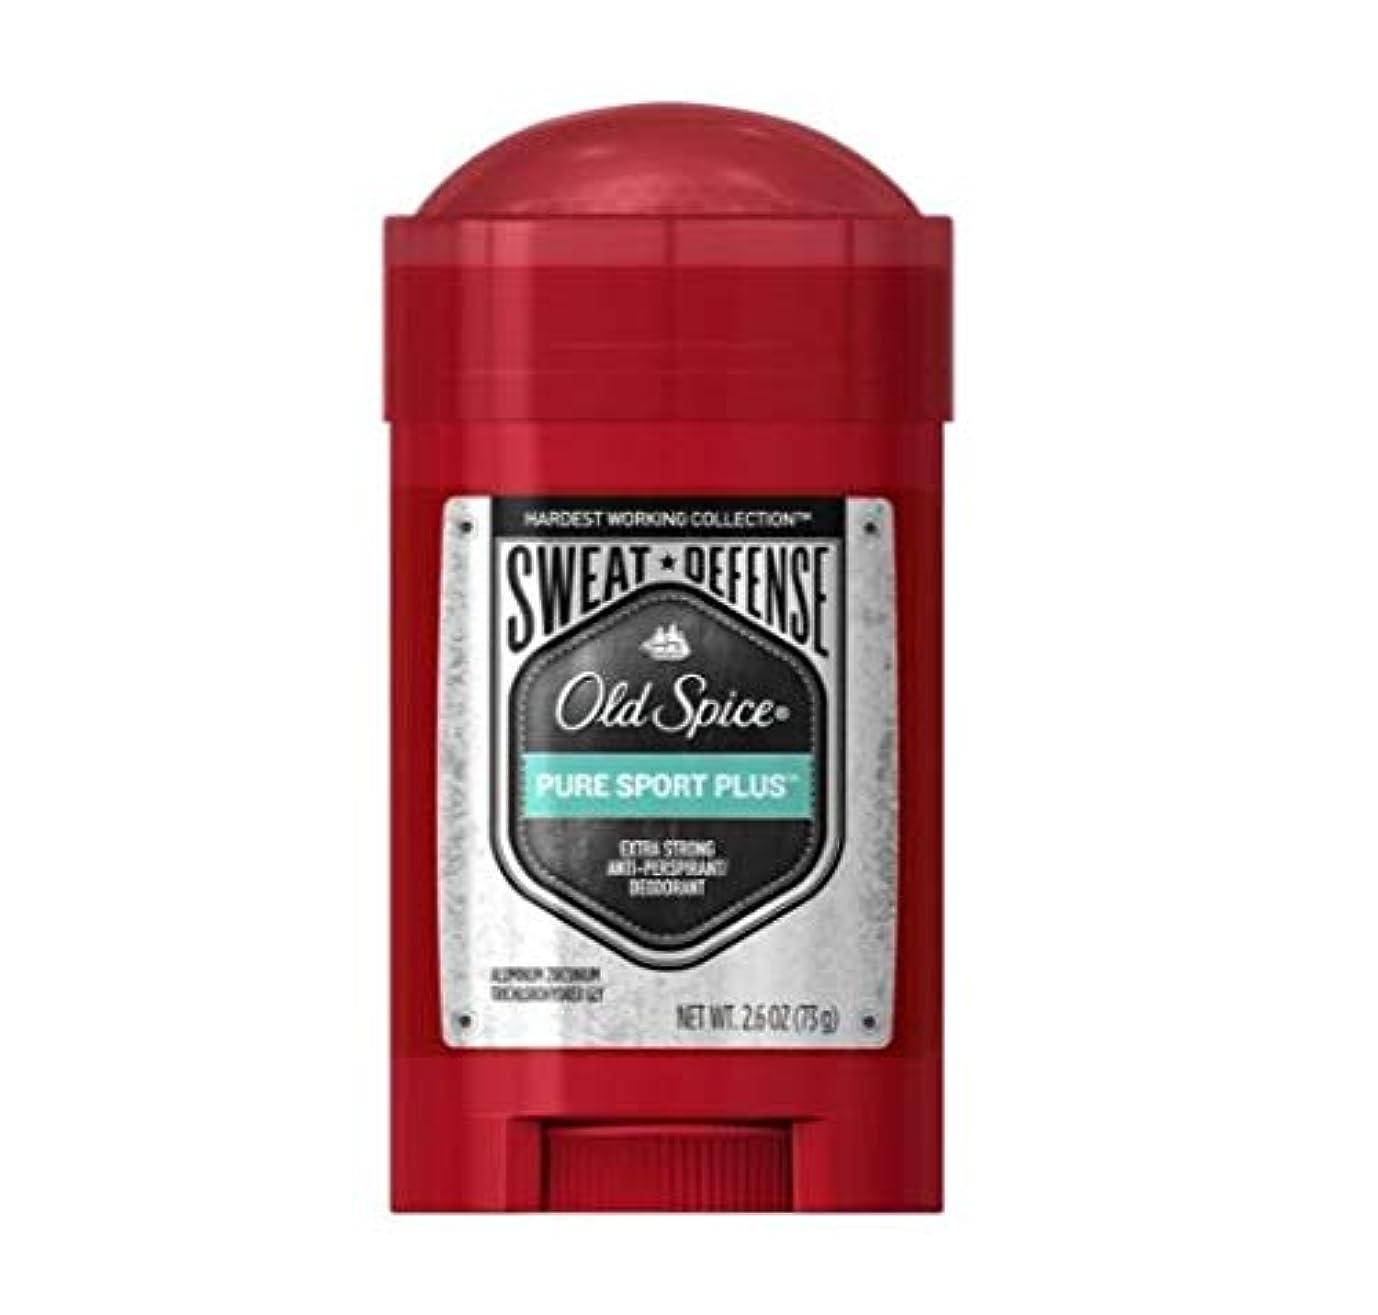 ユニークな自然公園黒くするOld Spice Hardest Working Collection Antiperspirant Deodorant for Men Pure Sport Plus - 2.6oz オールドスパイス ハーデスト ワーキング...